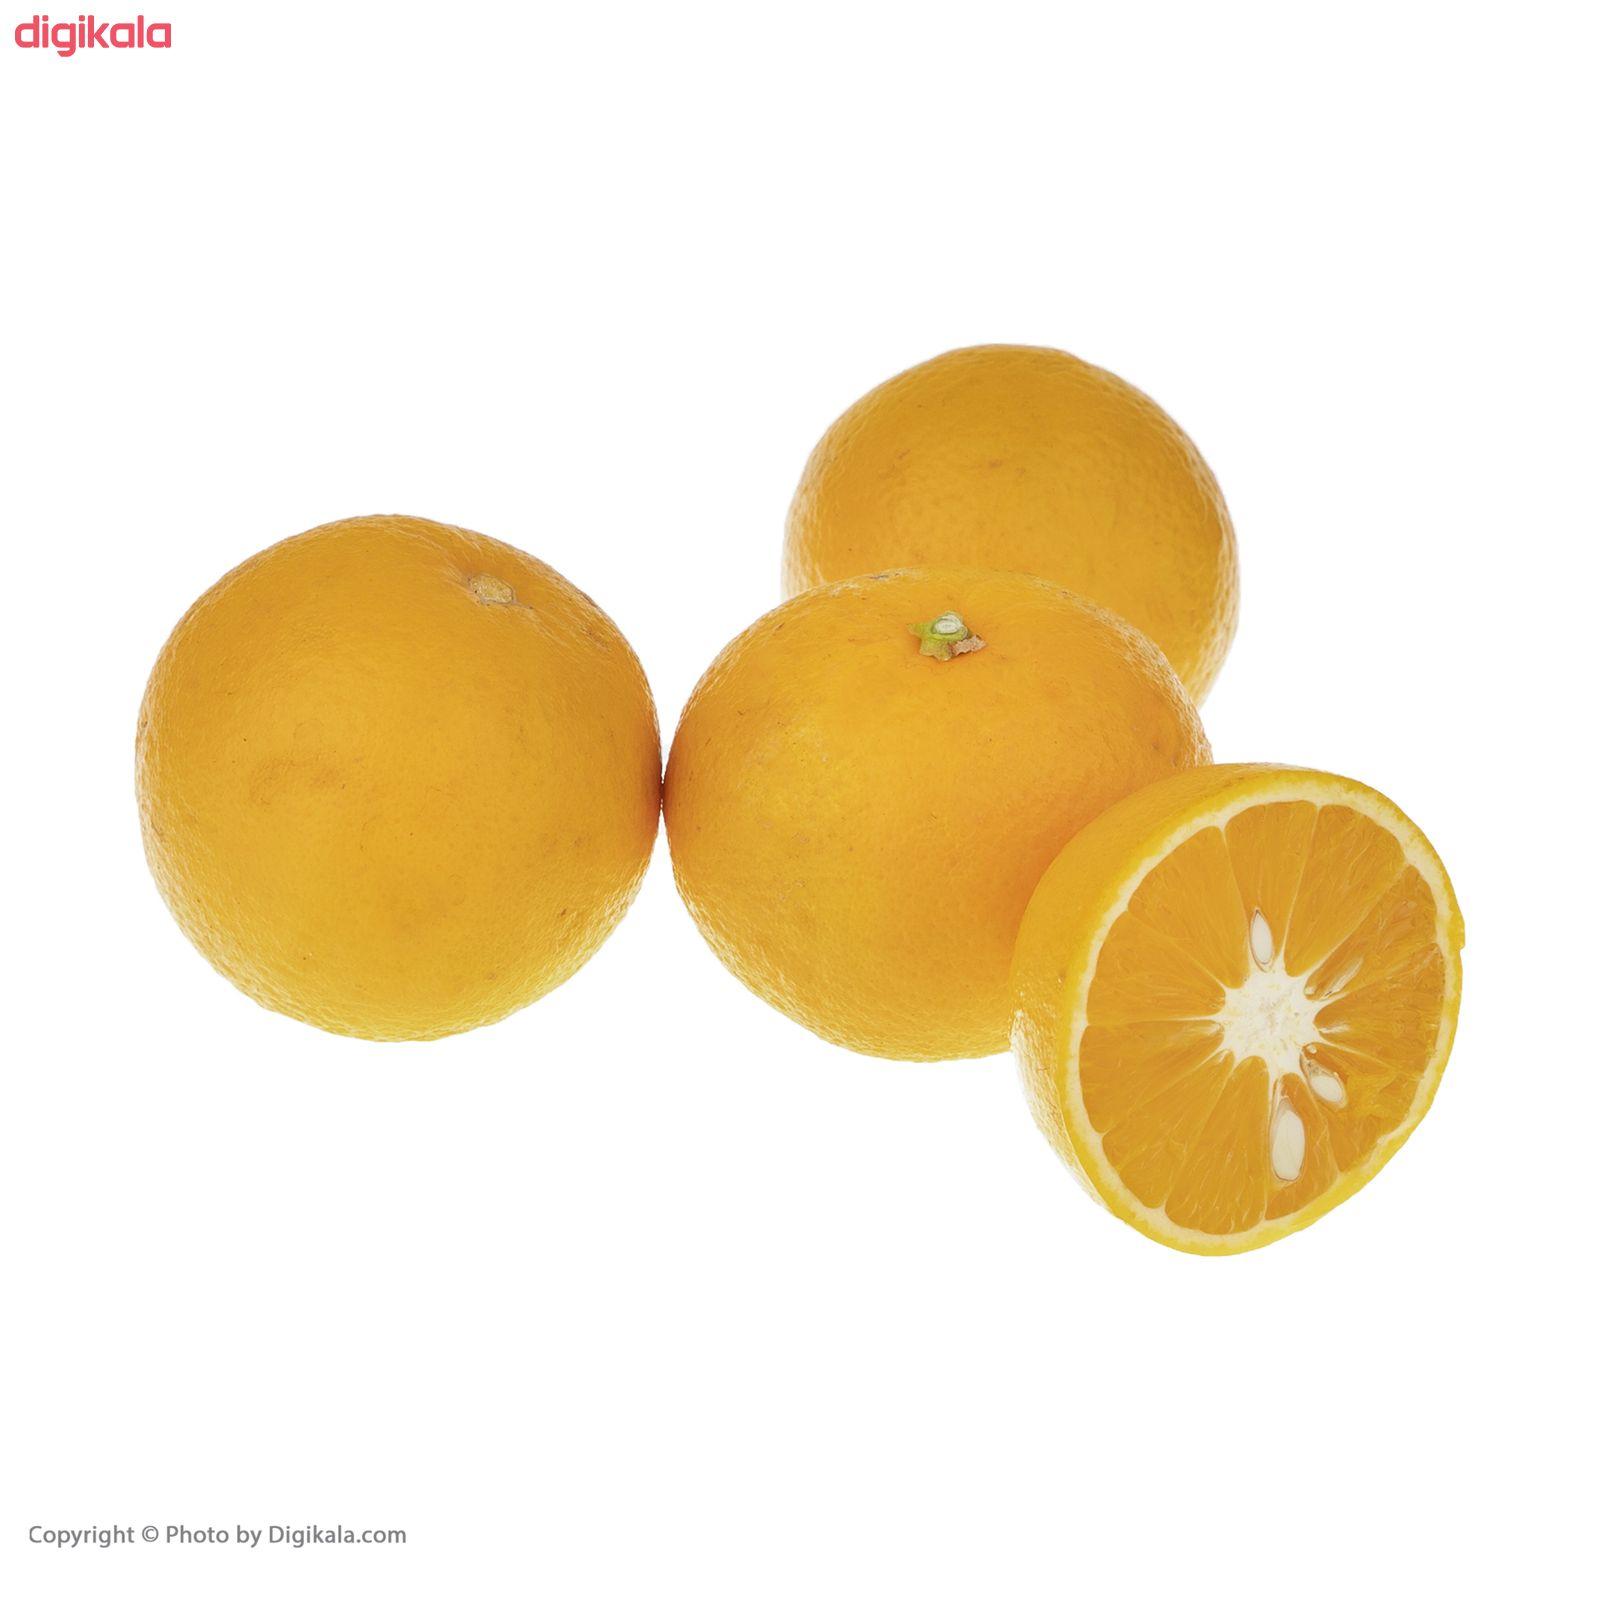 پرتقال آبگیری فله - 2.5 کیلوگرم main 1 2